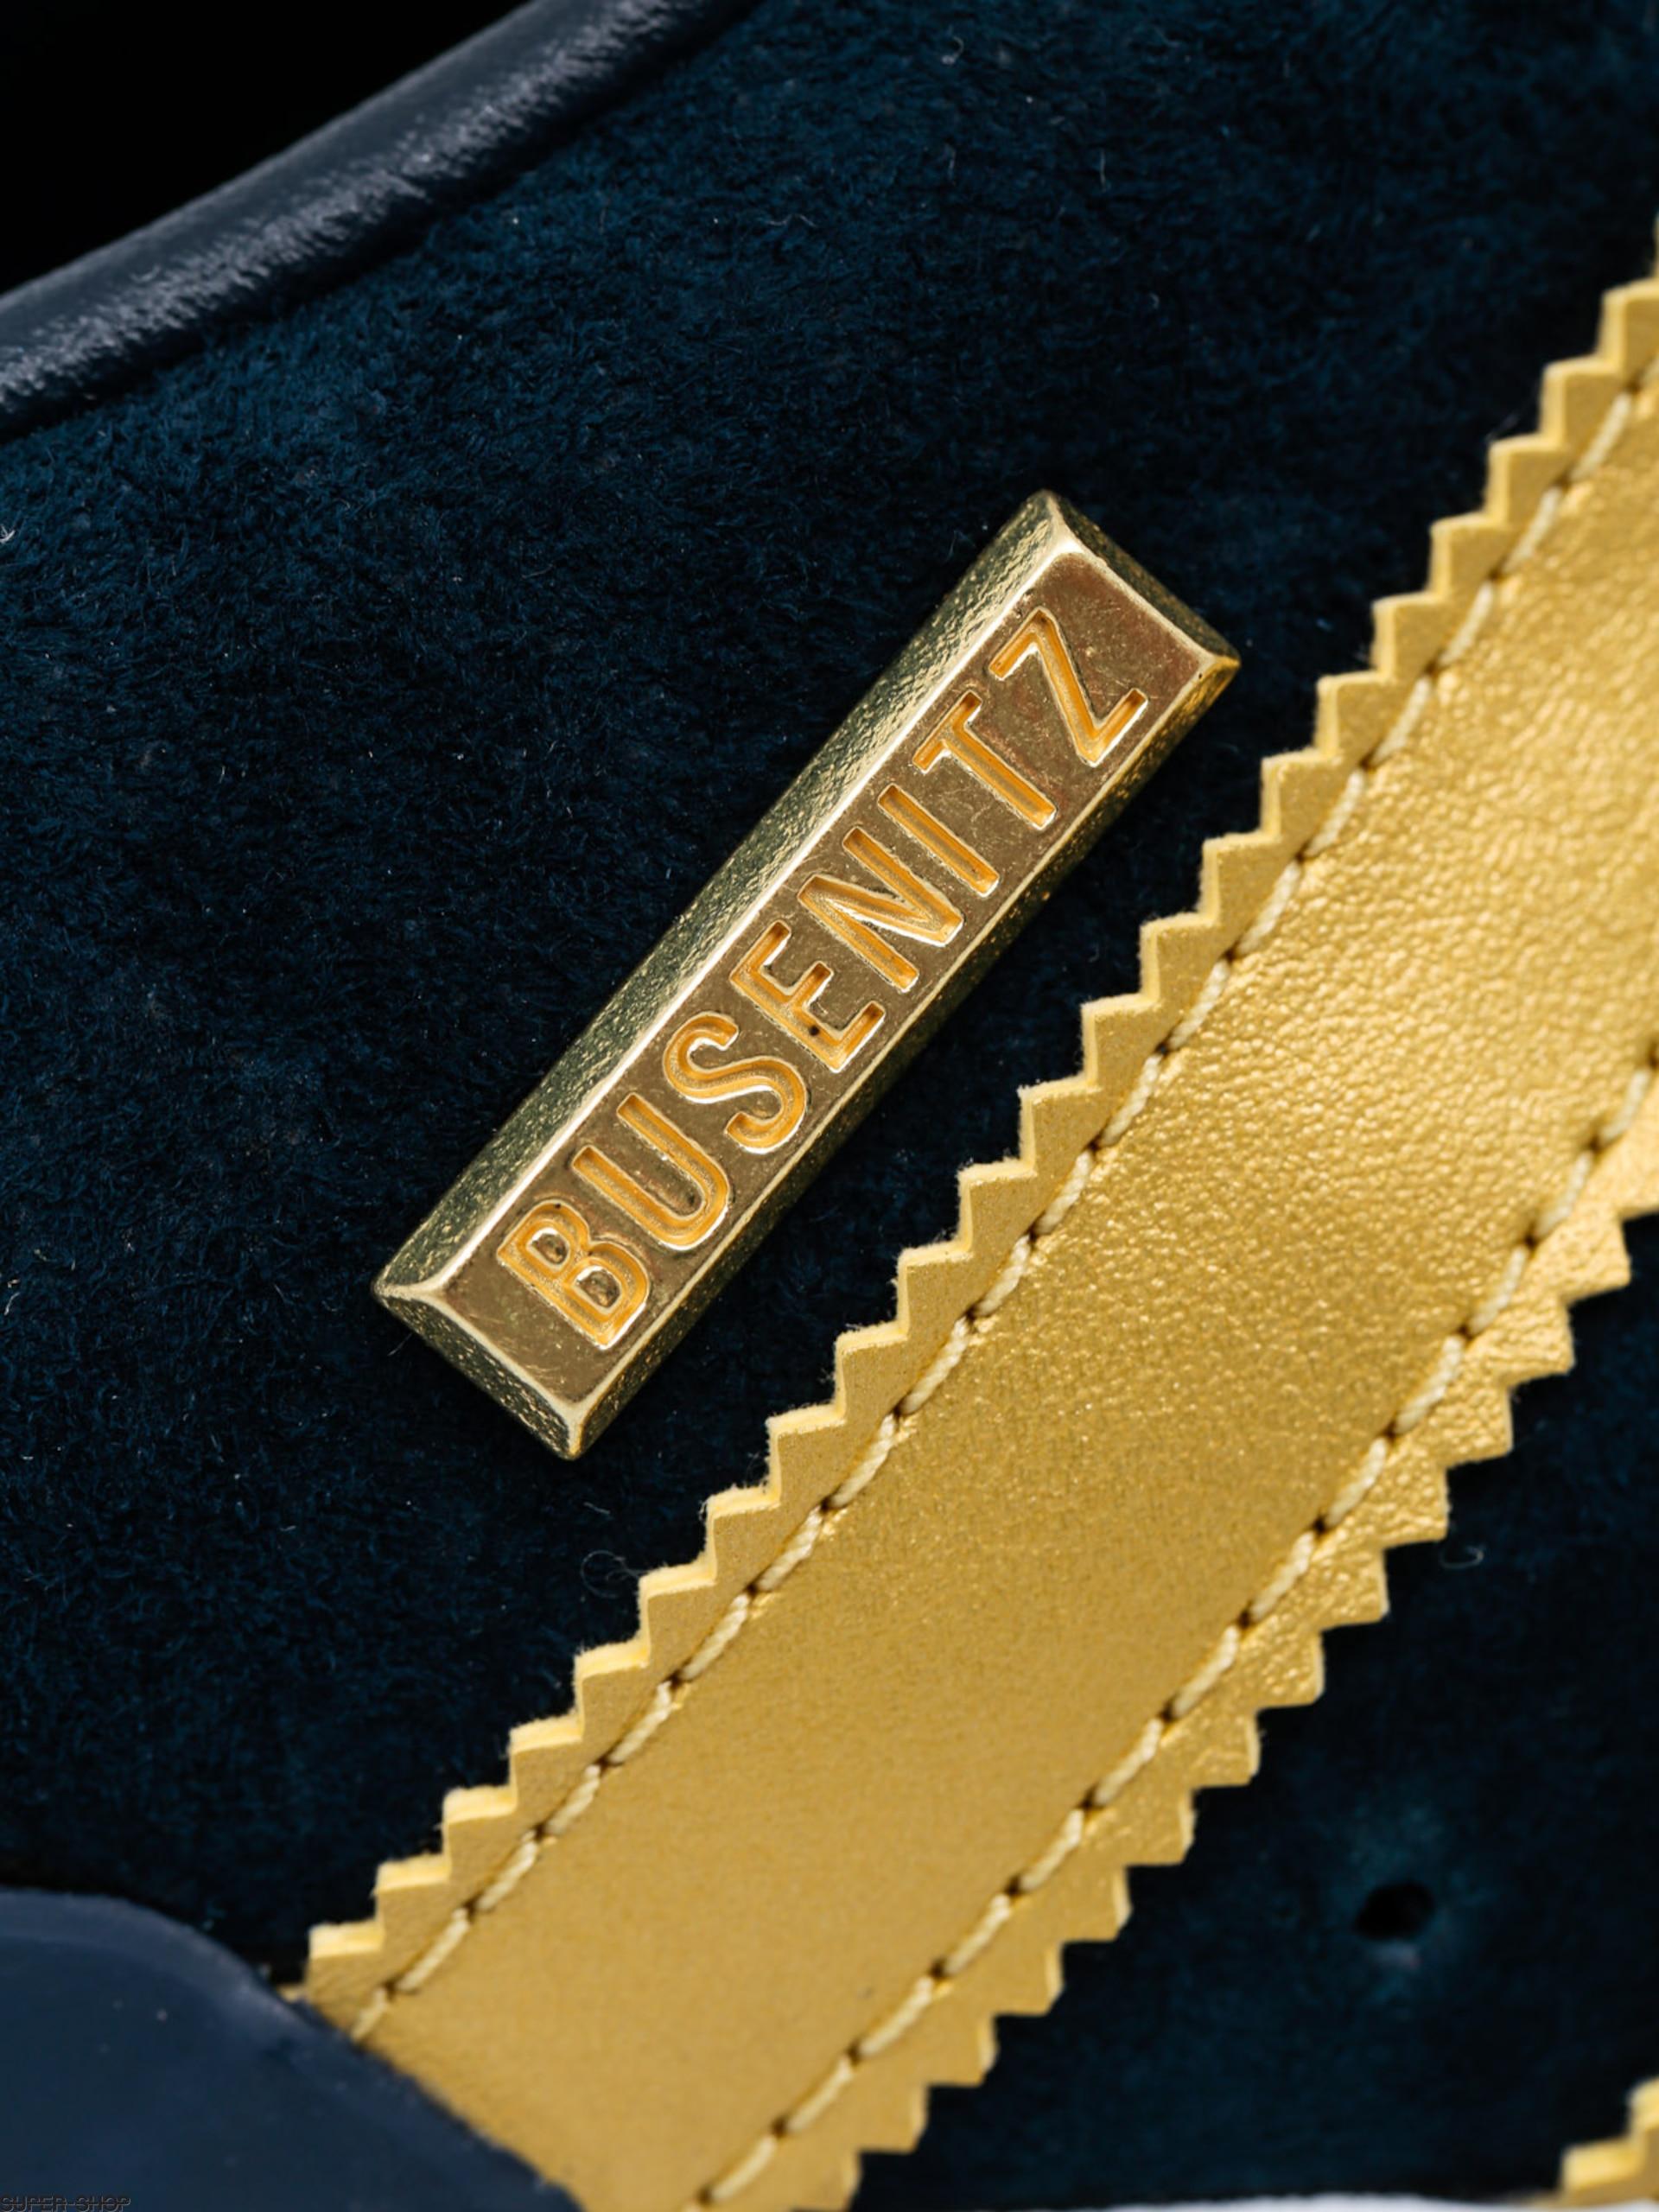 0339b811aad7 adidas Shoes Busenitz Vulc Adv 10 Yr An (conavy goldmt ftwwht )